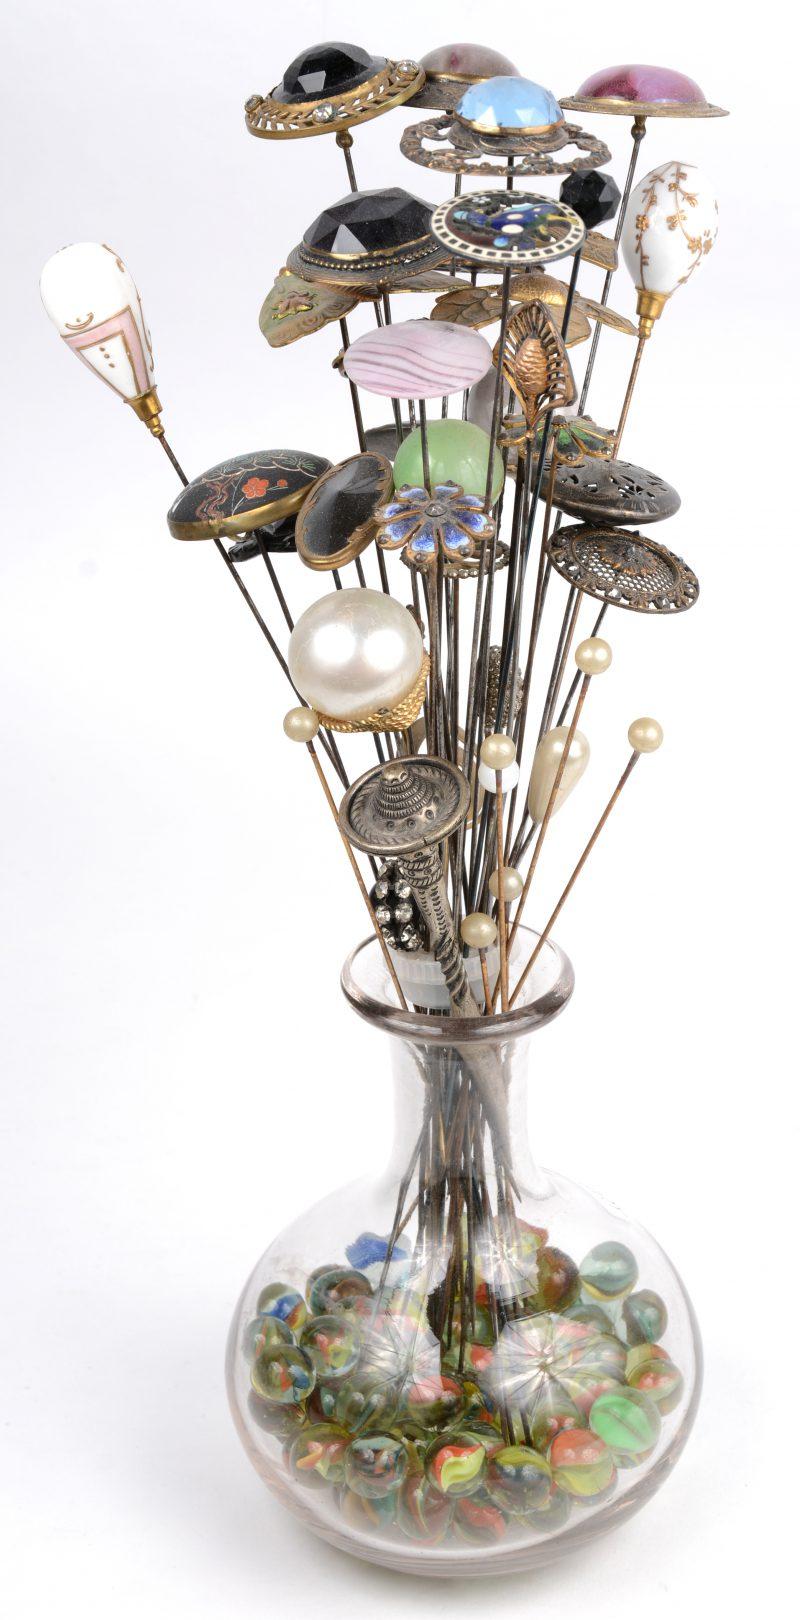 Een leuke collectie van een dertigtal hoedenspelden uit de belle époque, versierd met gegraveerd koper, halfedelstenen, parels enz enz. Gepresenteerd als een bloementuil in een glazen karafje verzwaard met knikkers.